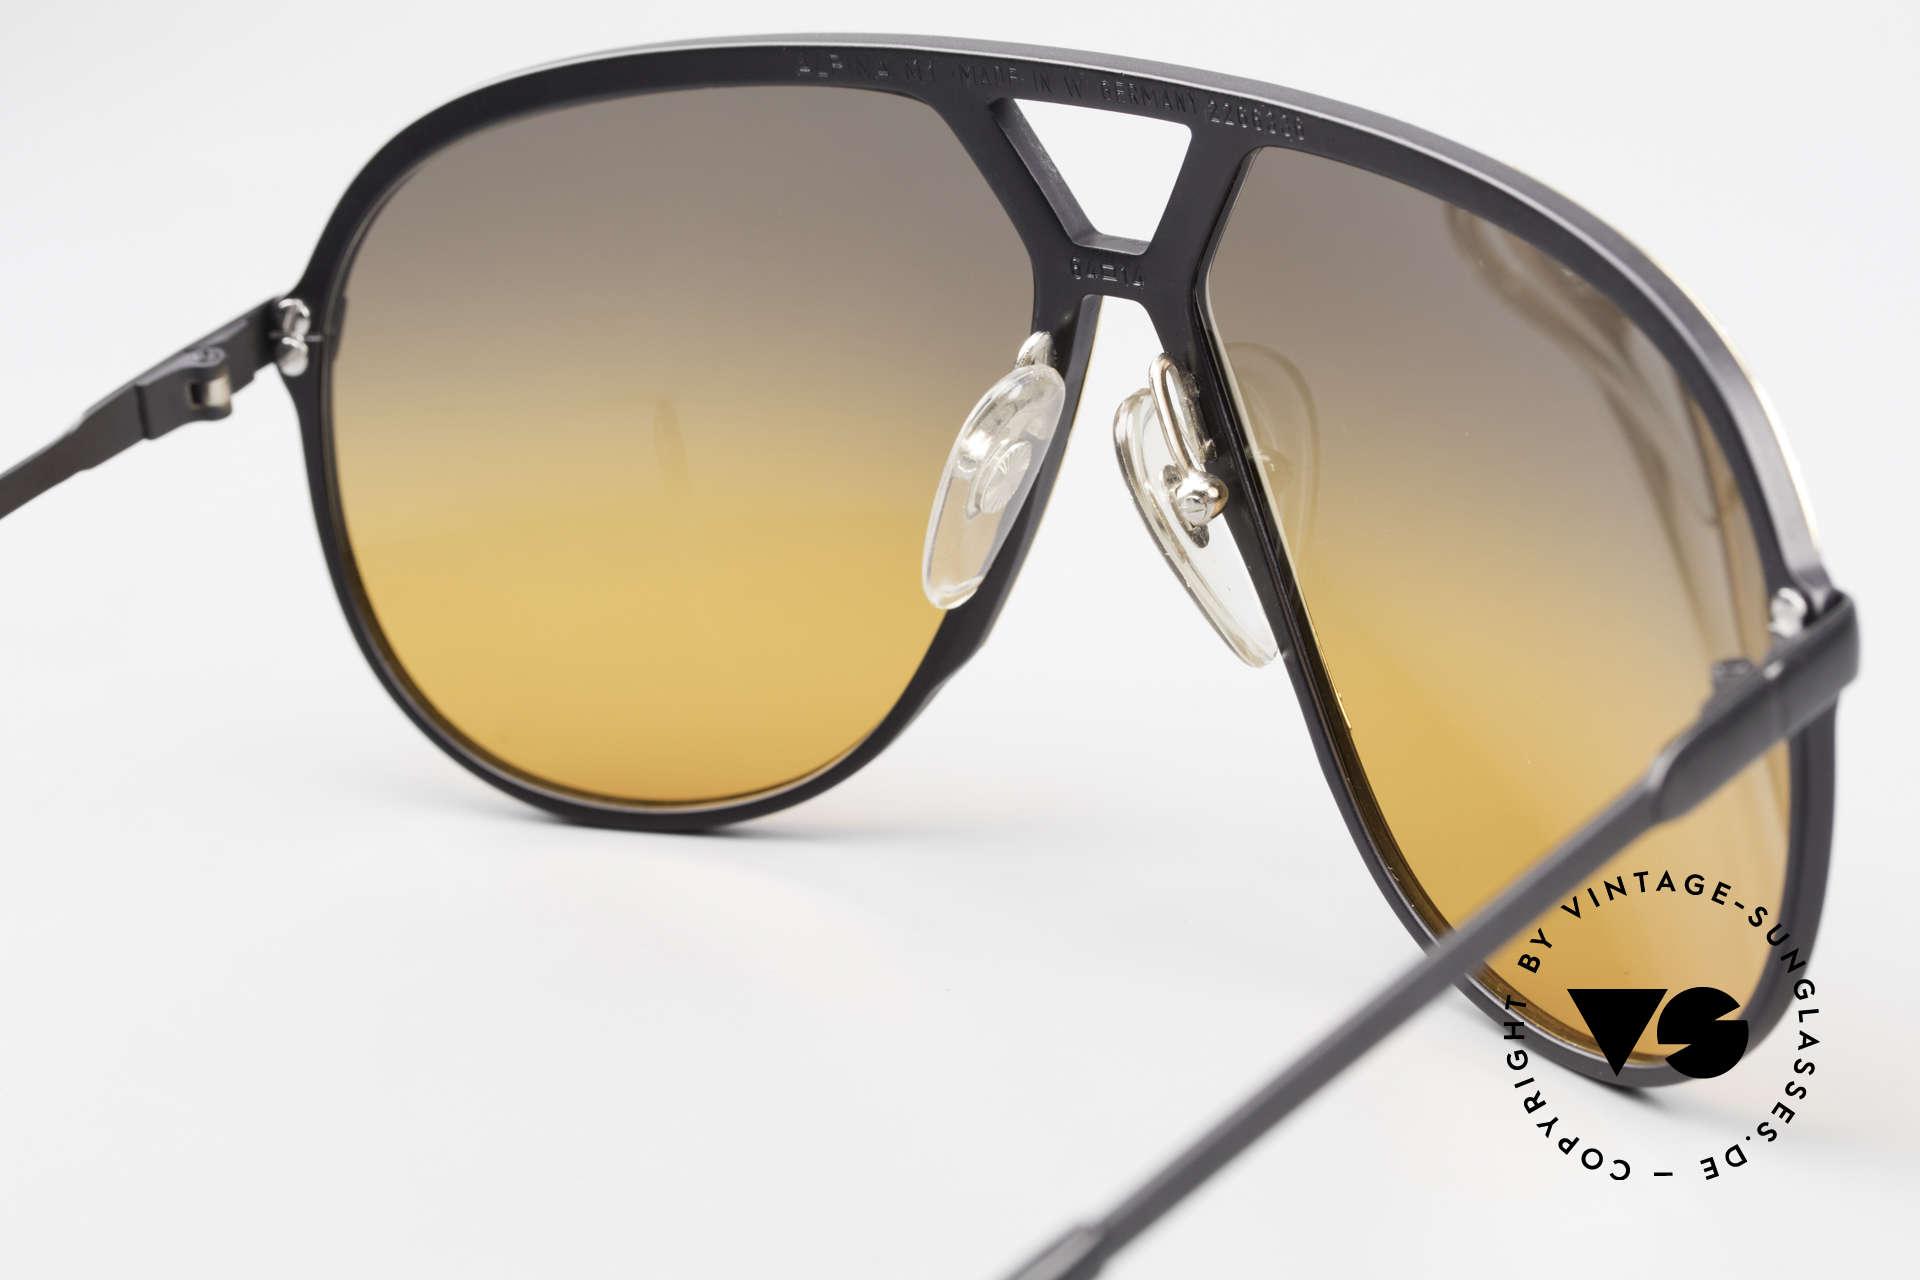 Alpina M1 80er XL Aviator Sonnenbrille, KEINE RETROBRILLE; ein 35 Jahre altes Original, Passend für Herren